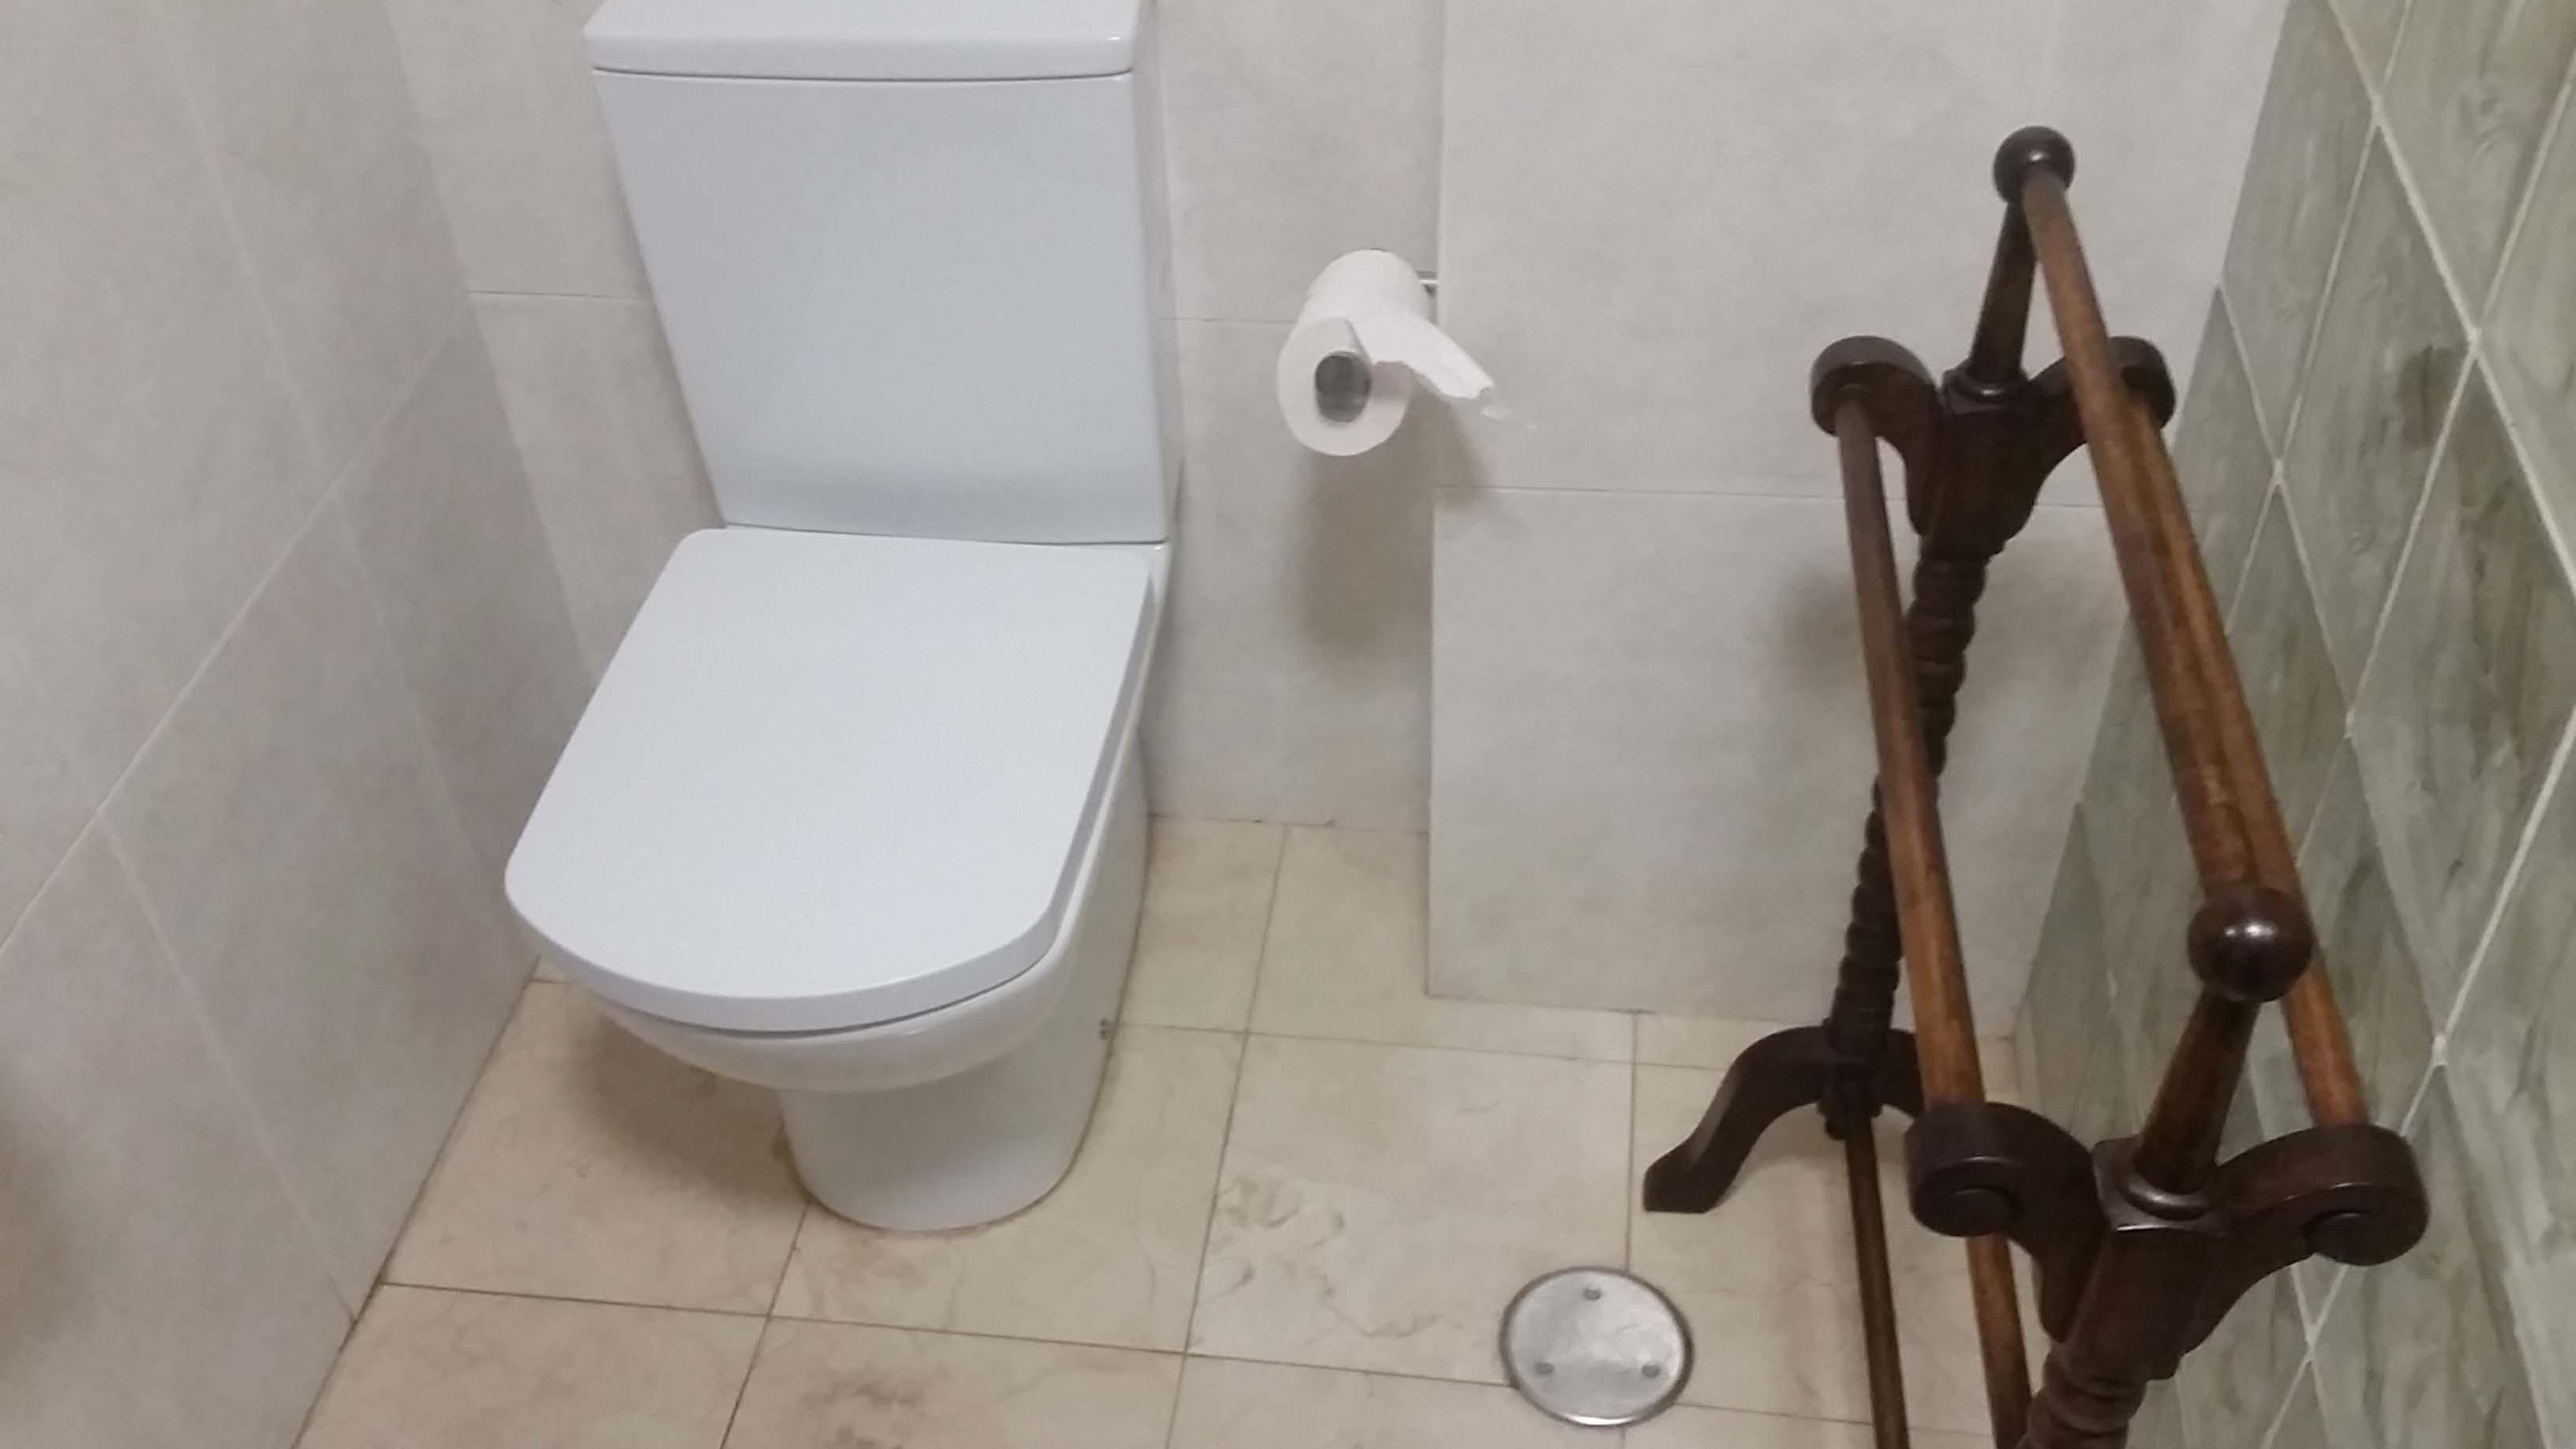 antes-Baños-express-Baño-reforma-coruña-cambio bañera por plato de ducha-aseo-renovar-contratista-empresa-de-reformas-renueve su casa-fernando Macías_1